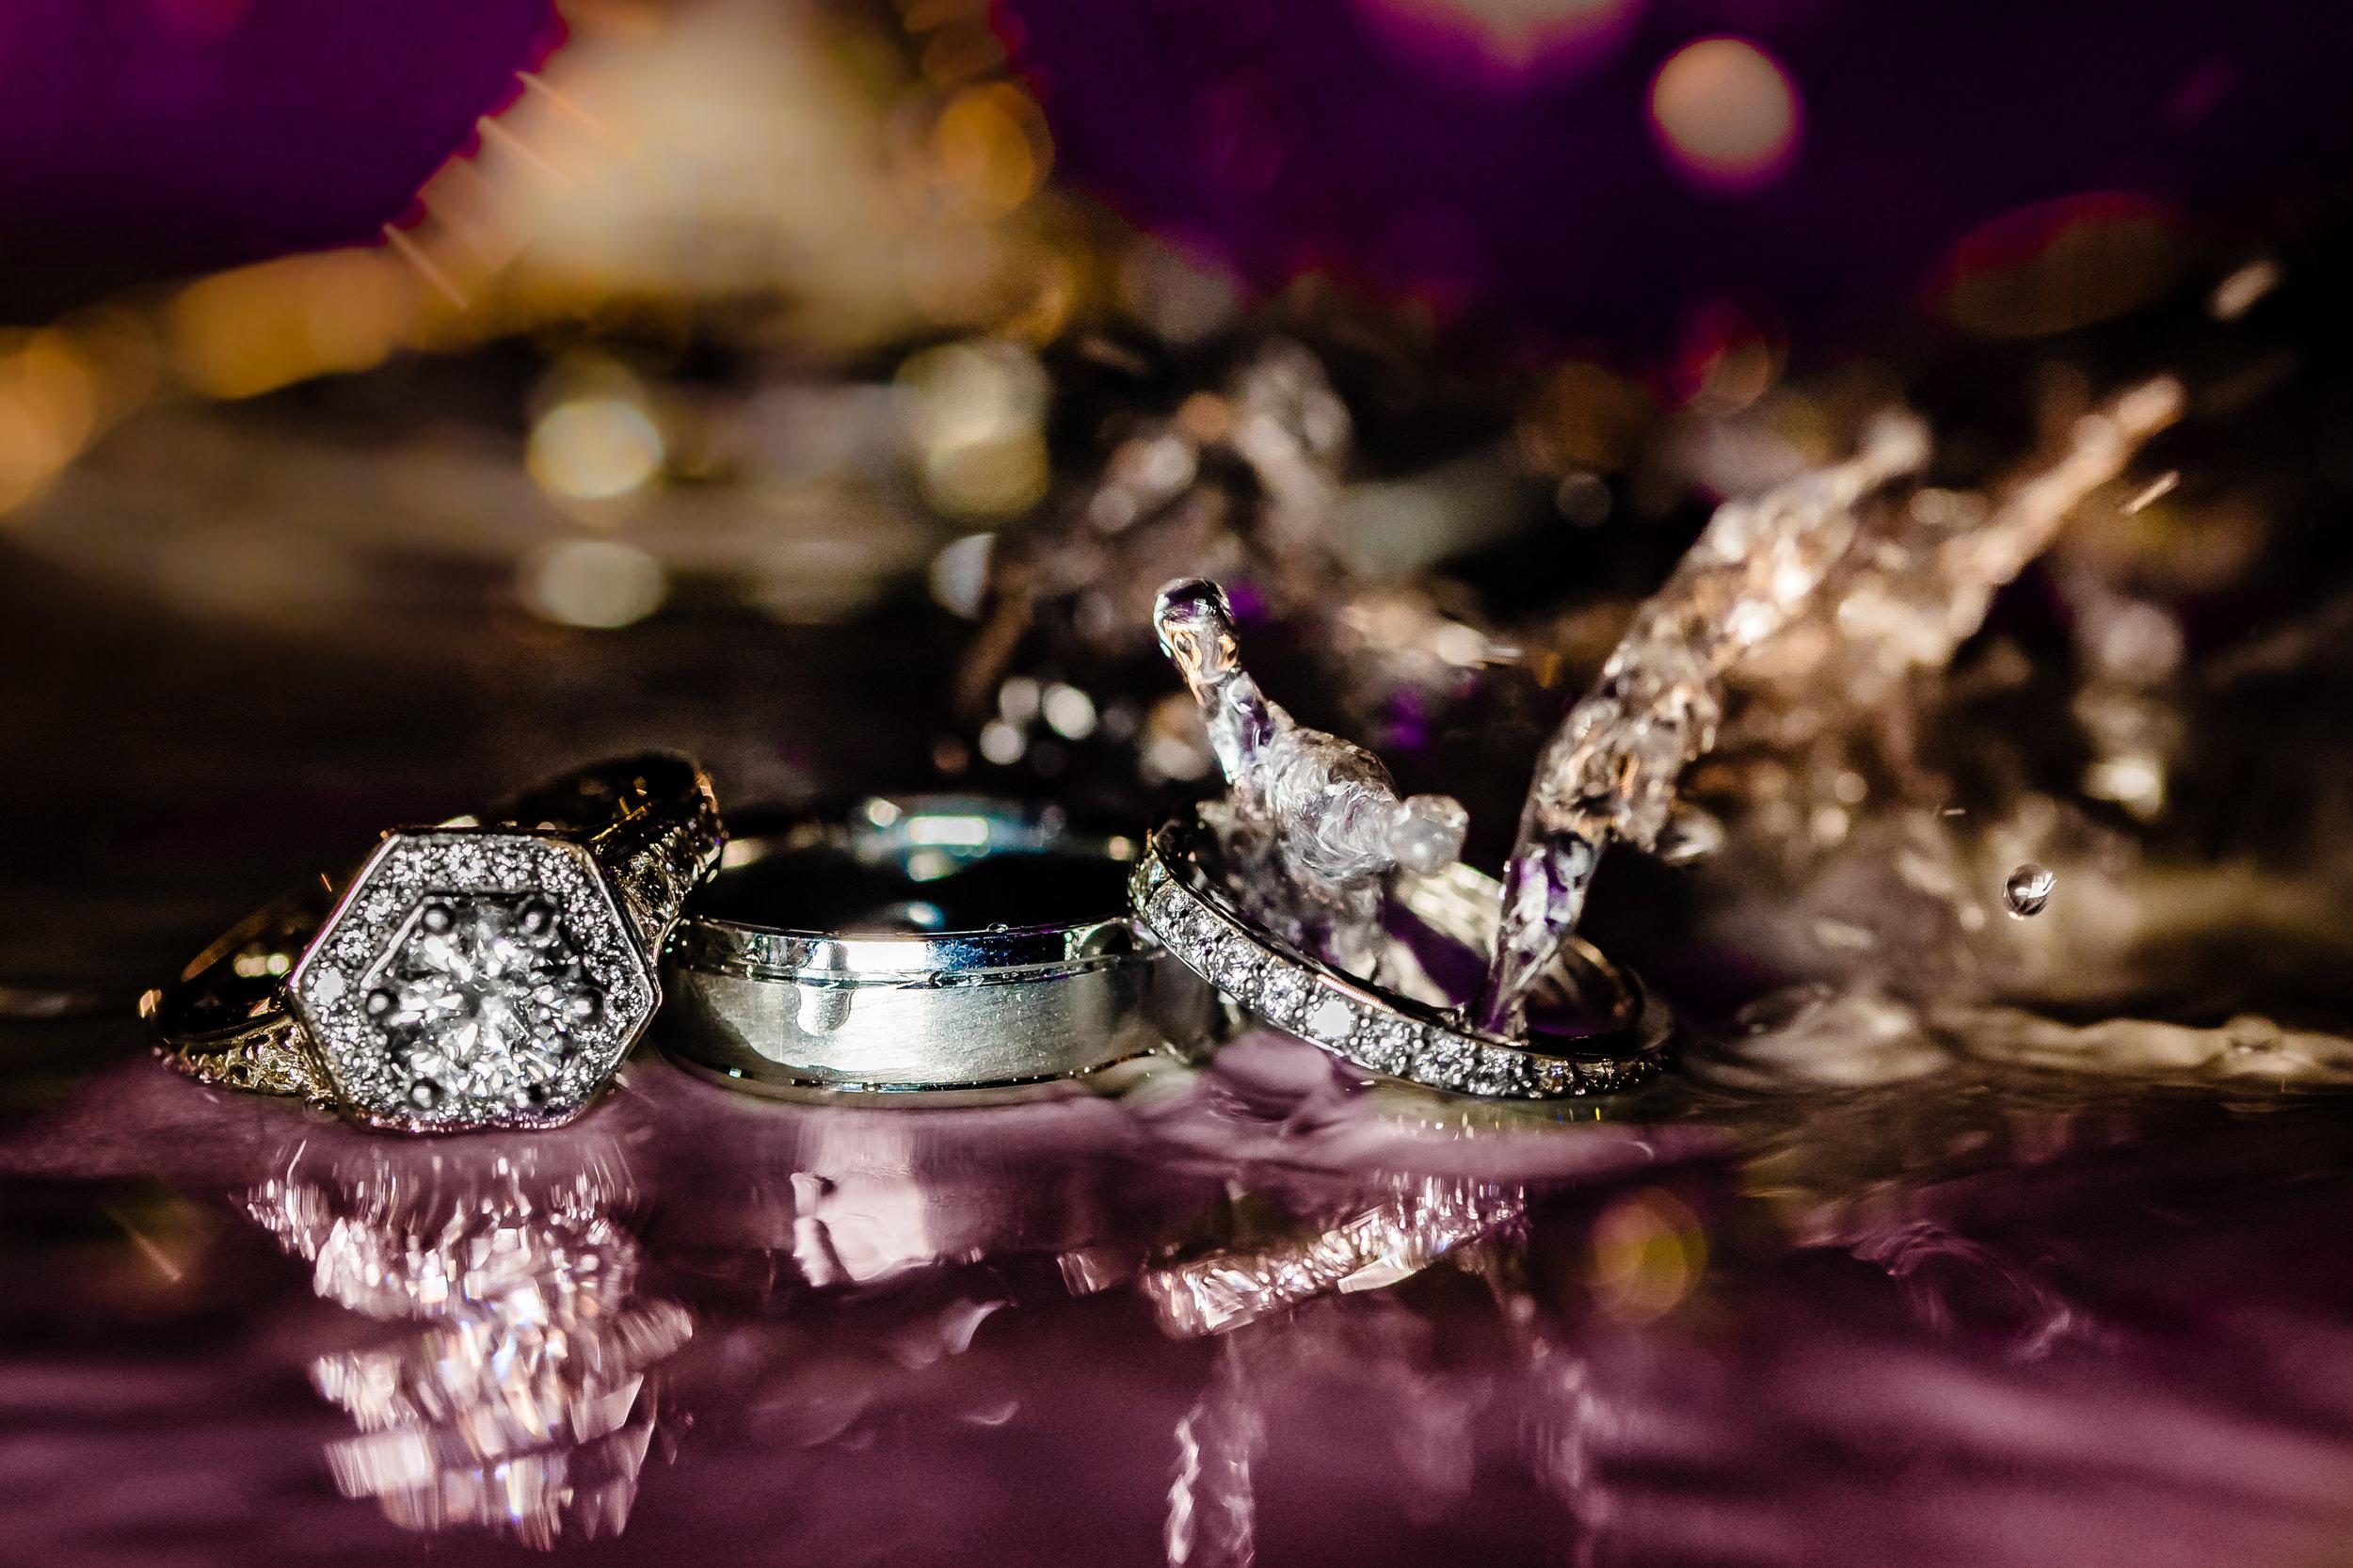 water splash ring shot wedding and engagement rings